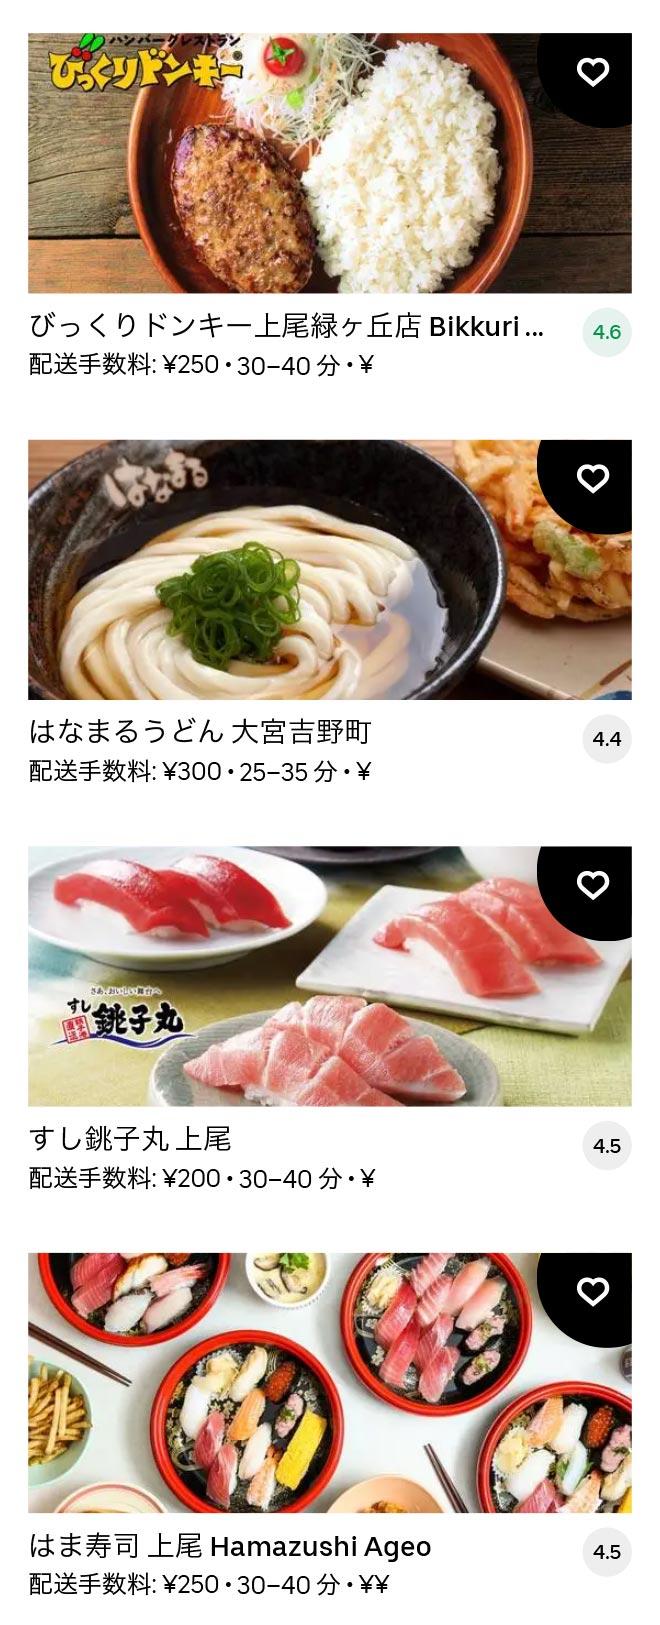 Ageo menu 2012 07